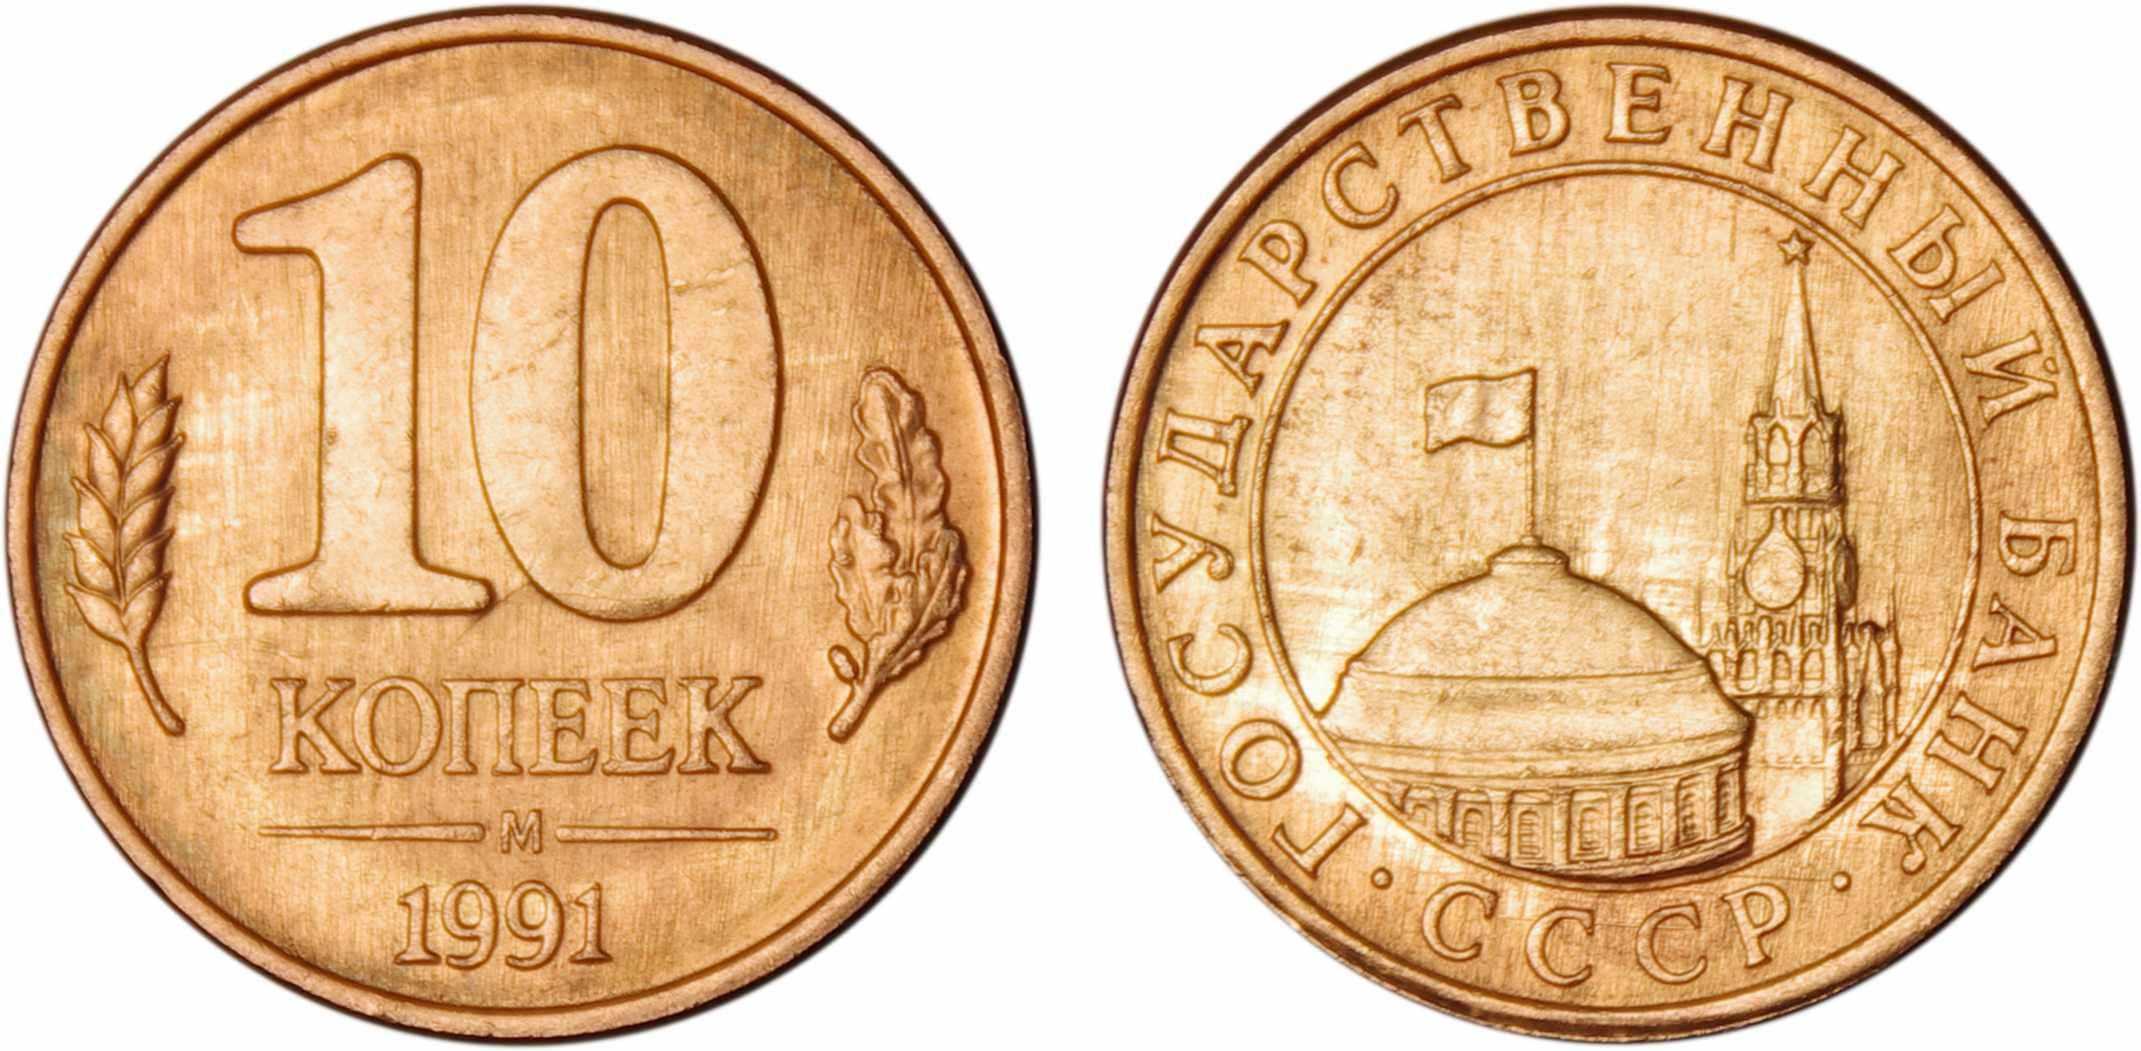 Продать монеты СССР: стоимость, каталог, цены на 2017 год